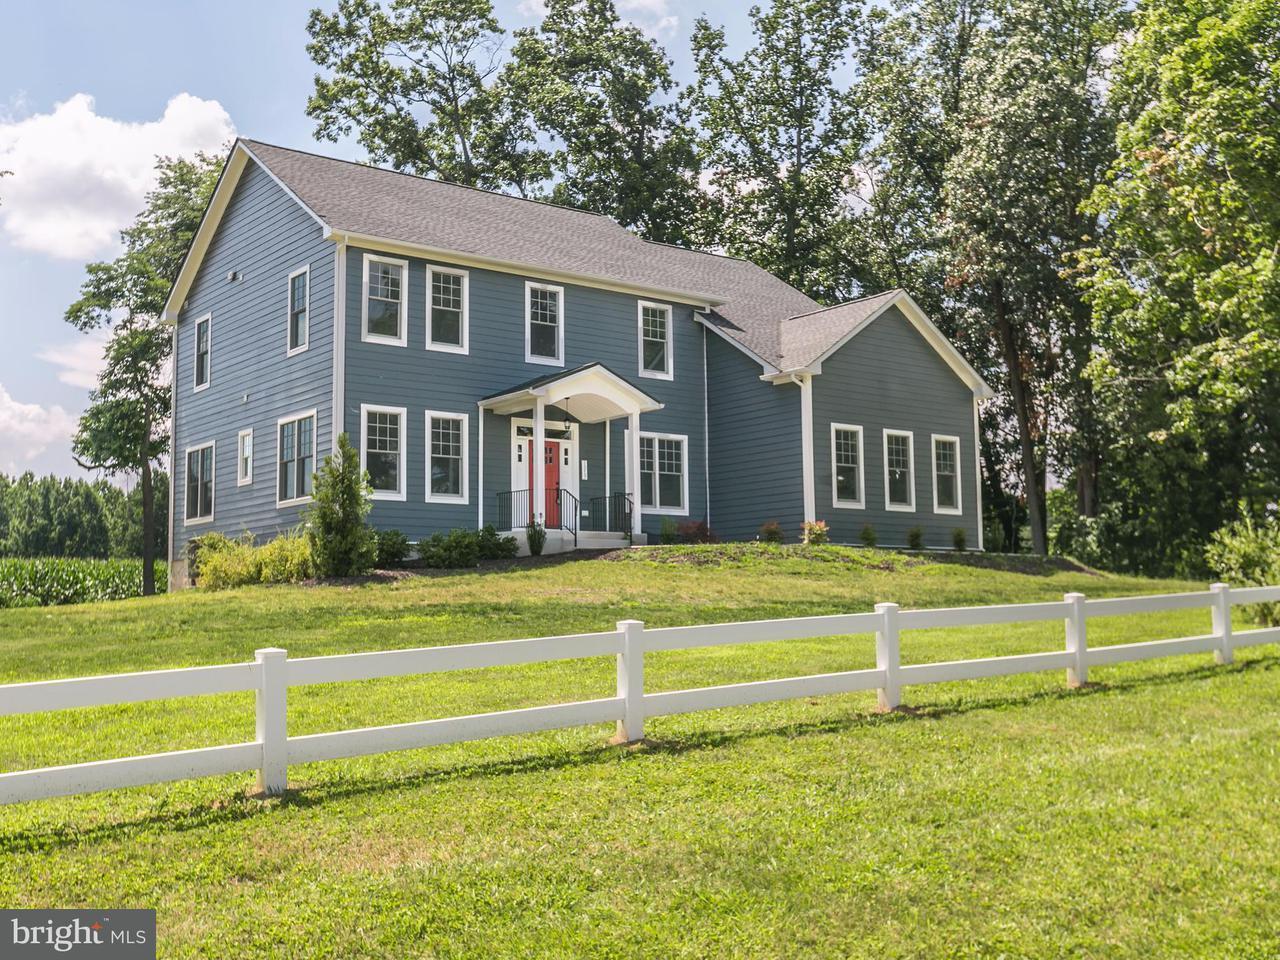 一戸建て のために 売買 アット 1313 MONKTON Road 1313 MONKTON Road Monkton, メリーランド 21111 アメリカ合衆国